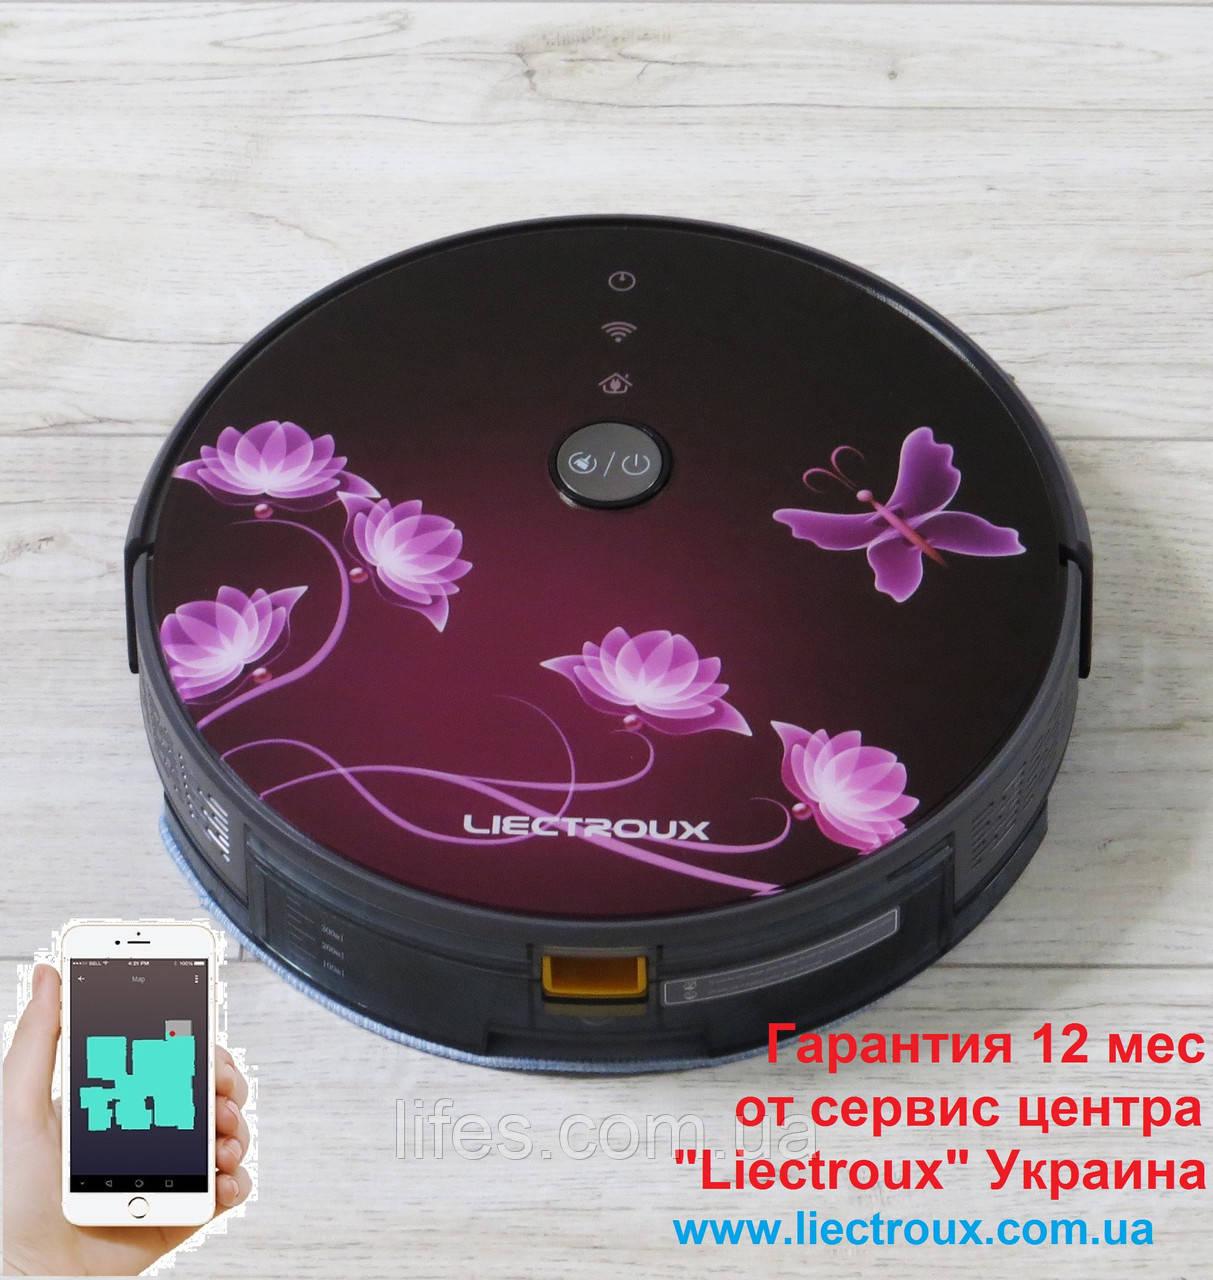 Робот - пылесос LIECTROUX C30B. Рубиновая сакура. WI-FI. Немецкий бренд. Европейская версия. Модель 2020 года.